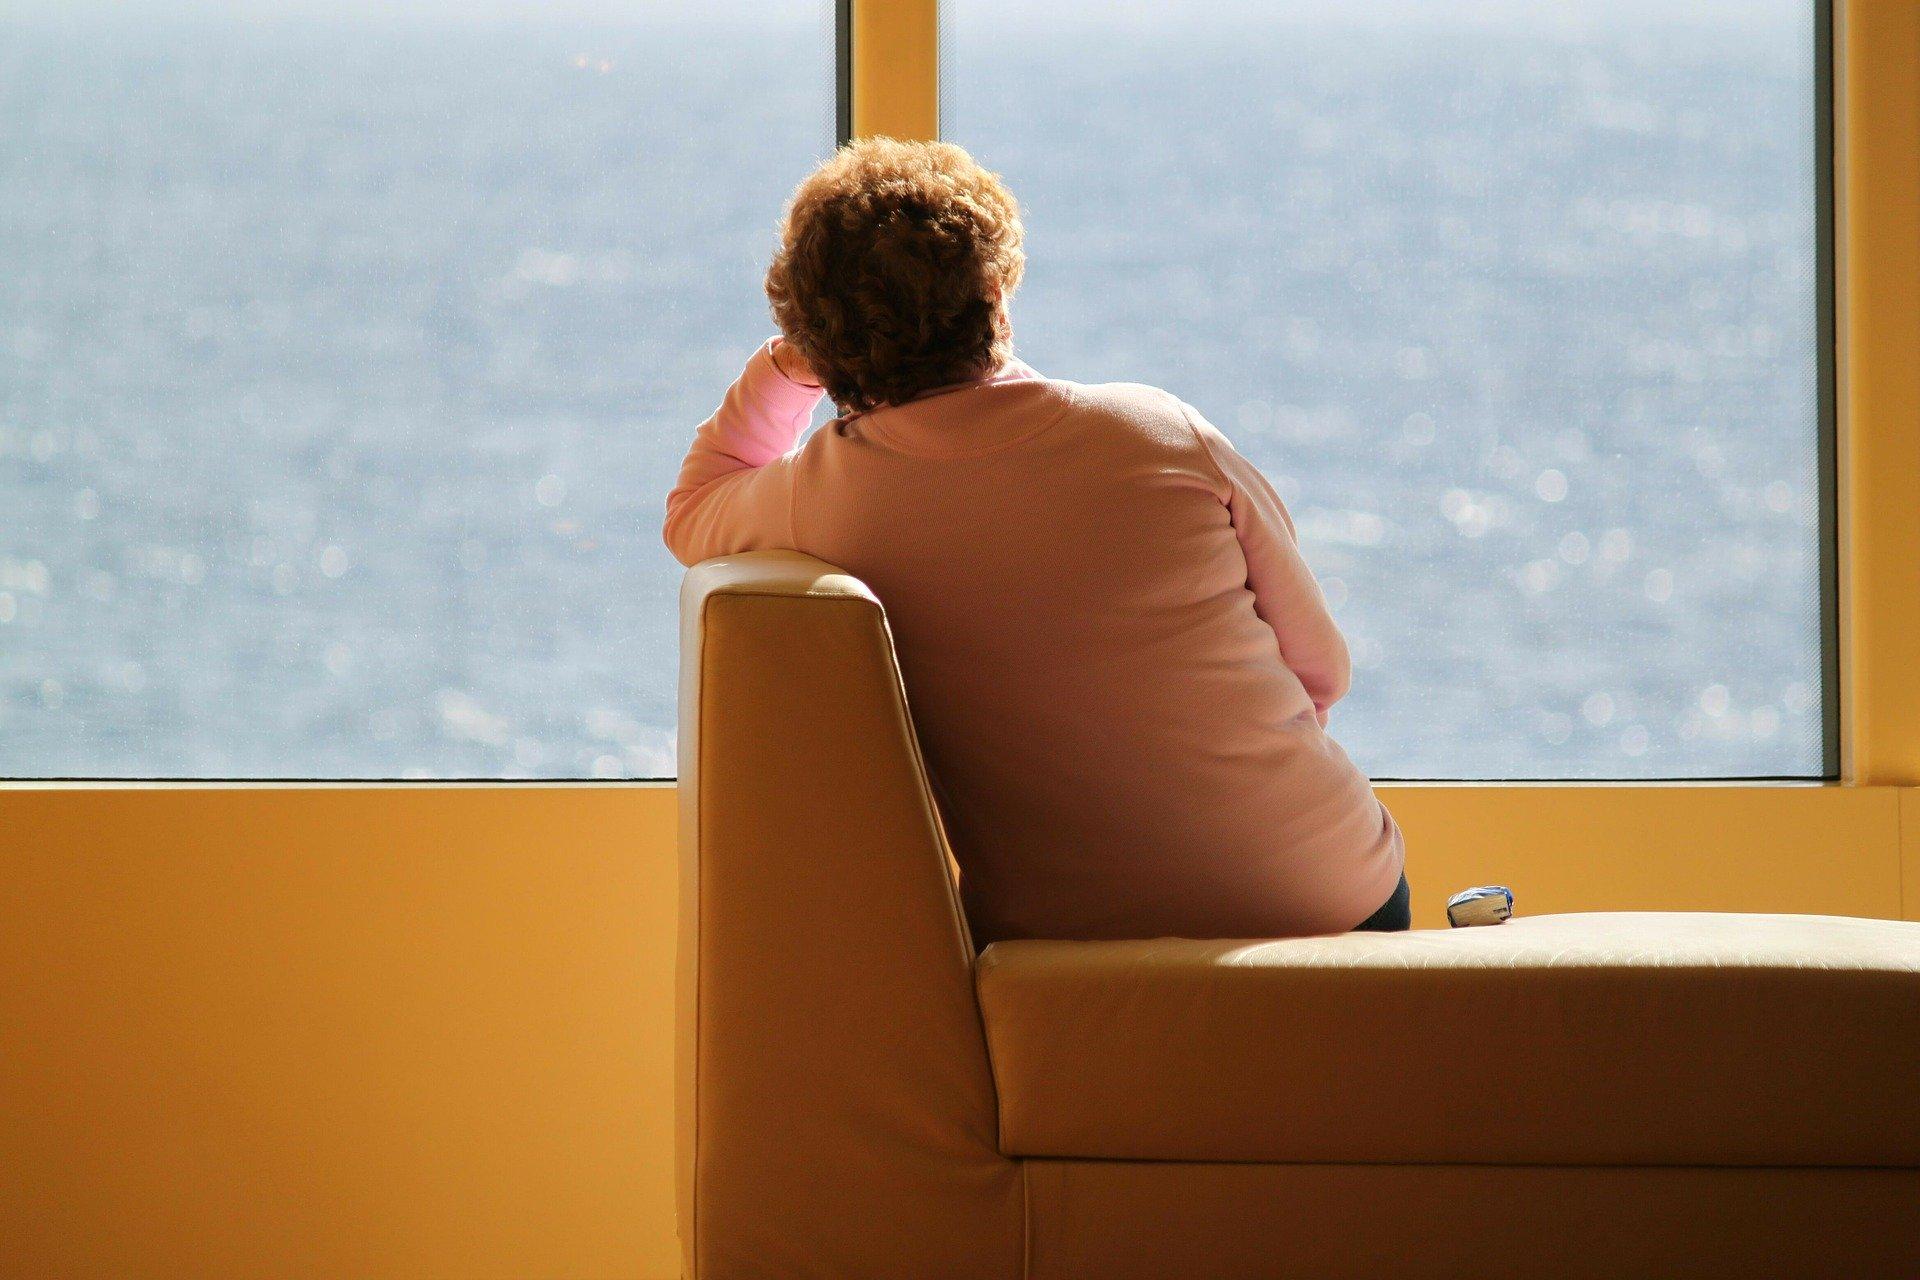 El 46% de la ciudadanía ha tenido sentimientos depresivos durante la pandemia